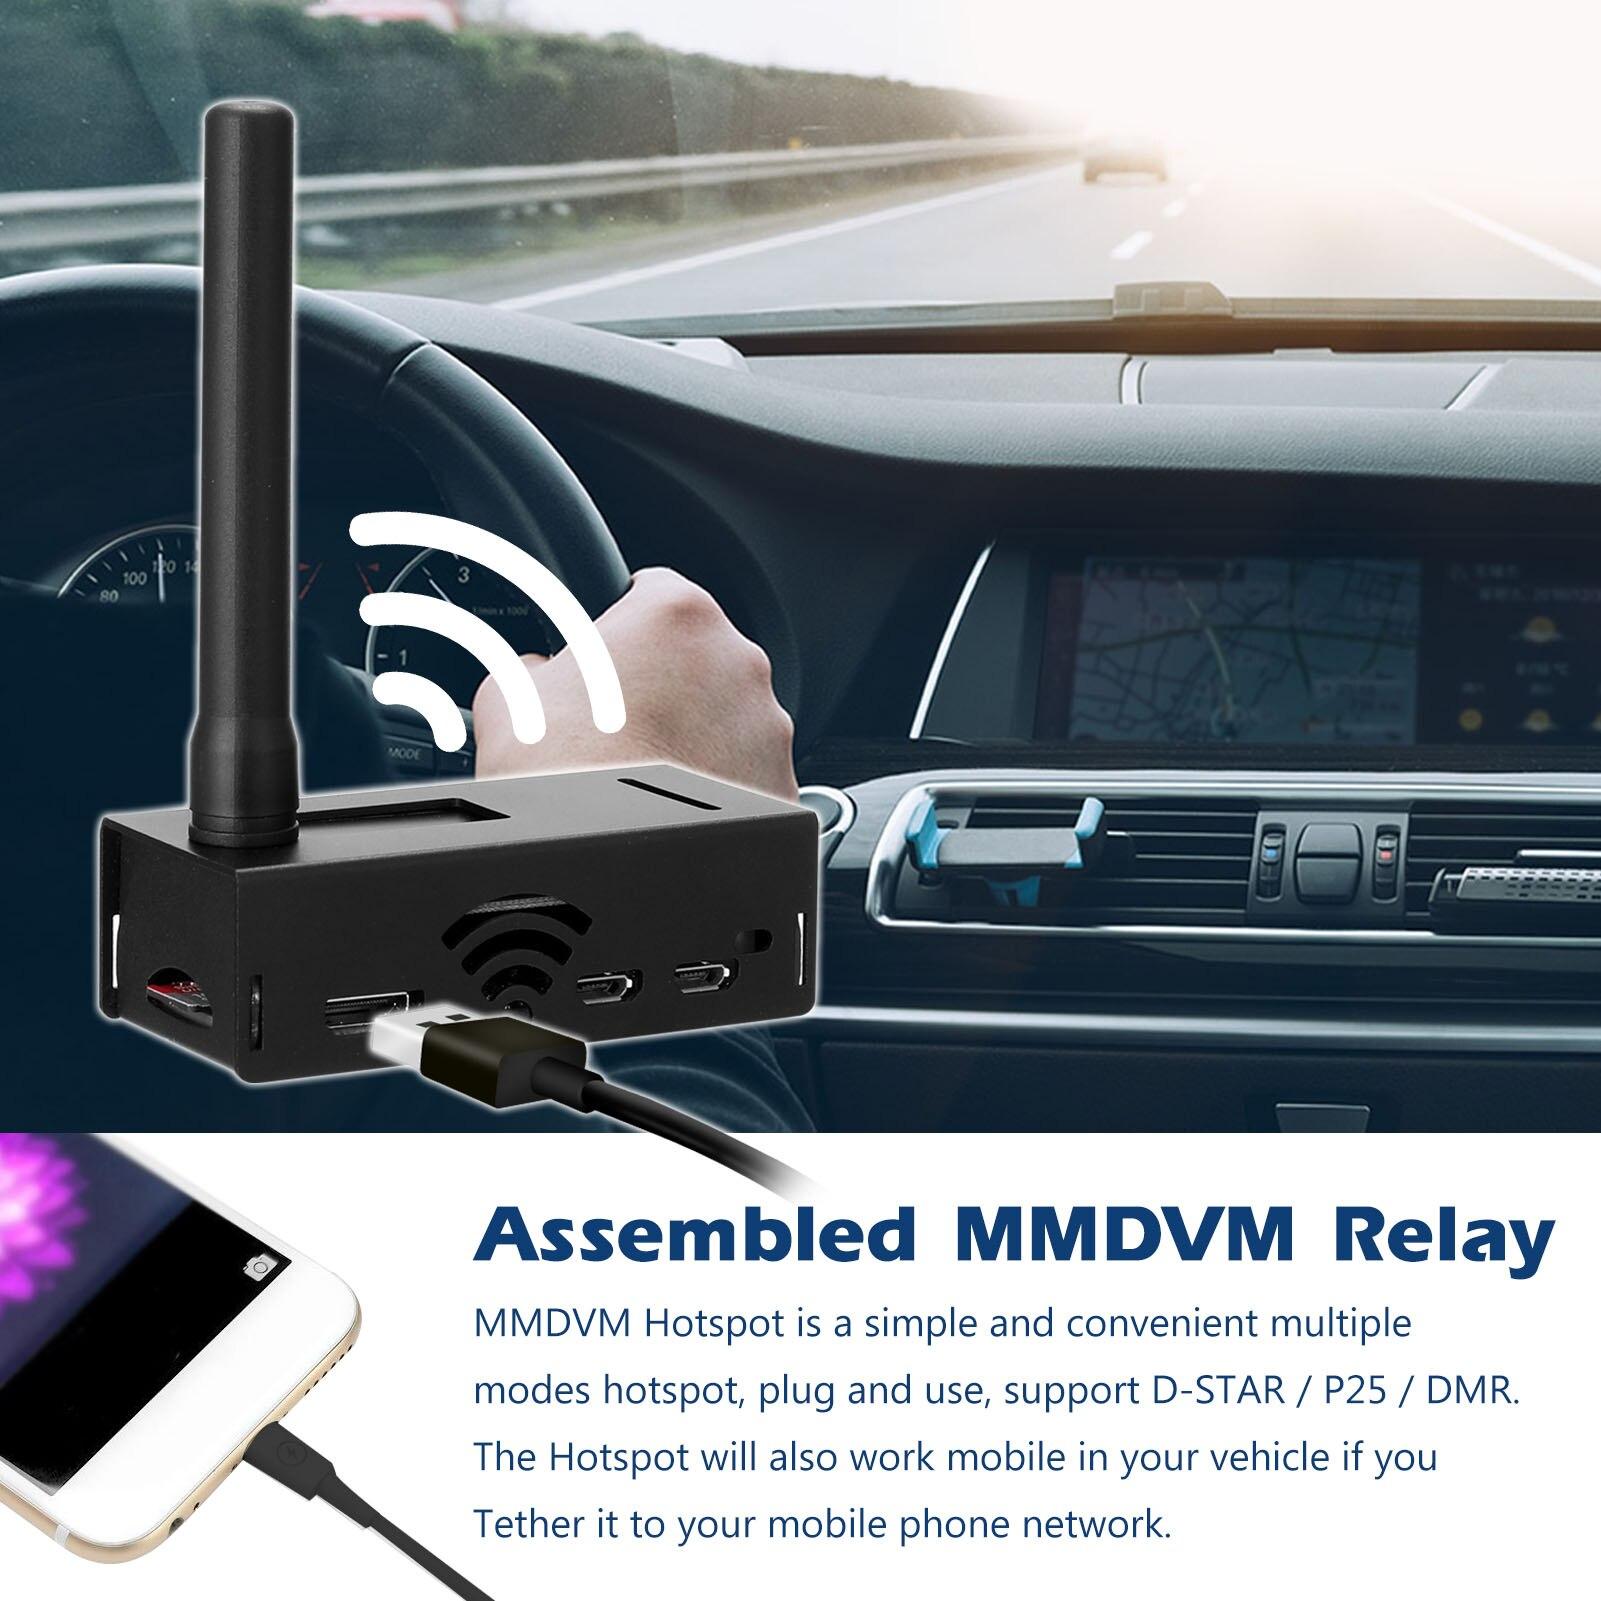 Estação de Rádio Montado Mmdvm Relé Wifi Hotspot Placa Digital Retransmitindo Dispositivo Suporte Dmr P25 Ysf D-star 0.5ppm